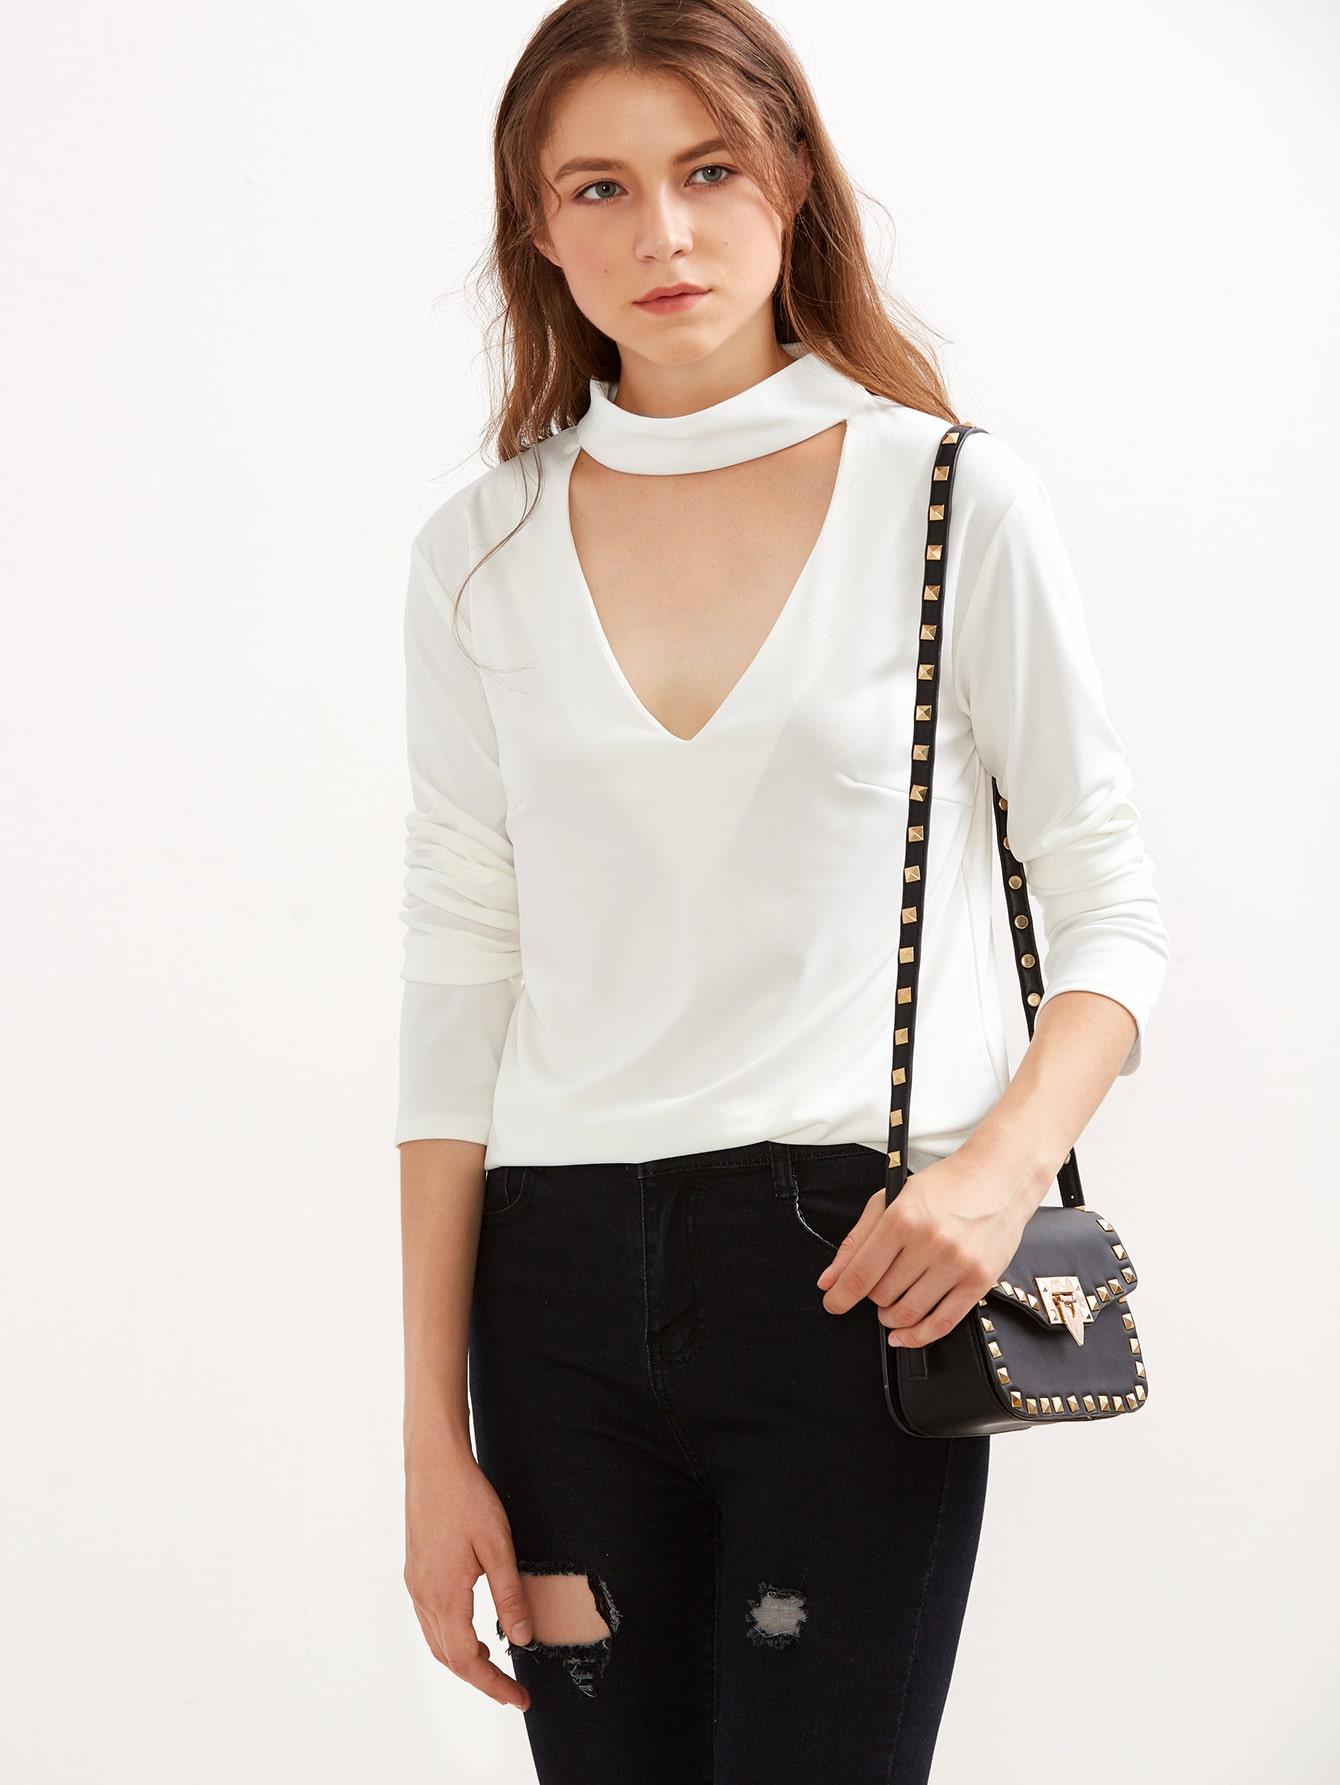 White Cutout Front T-shirtWhite Cutout Front T-shirt<br><br>color: White<br>size: L,M,S